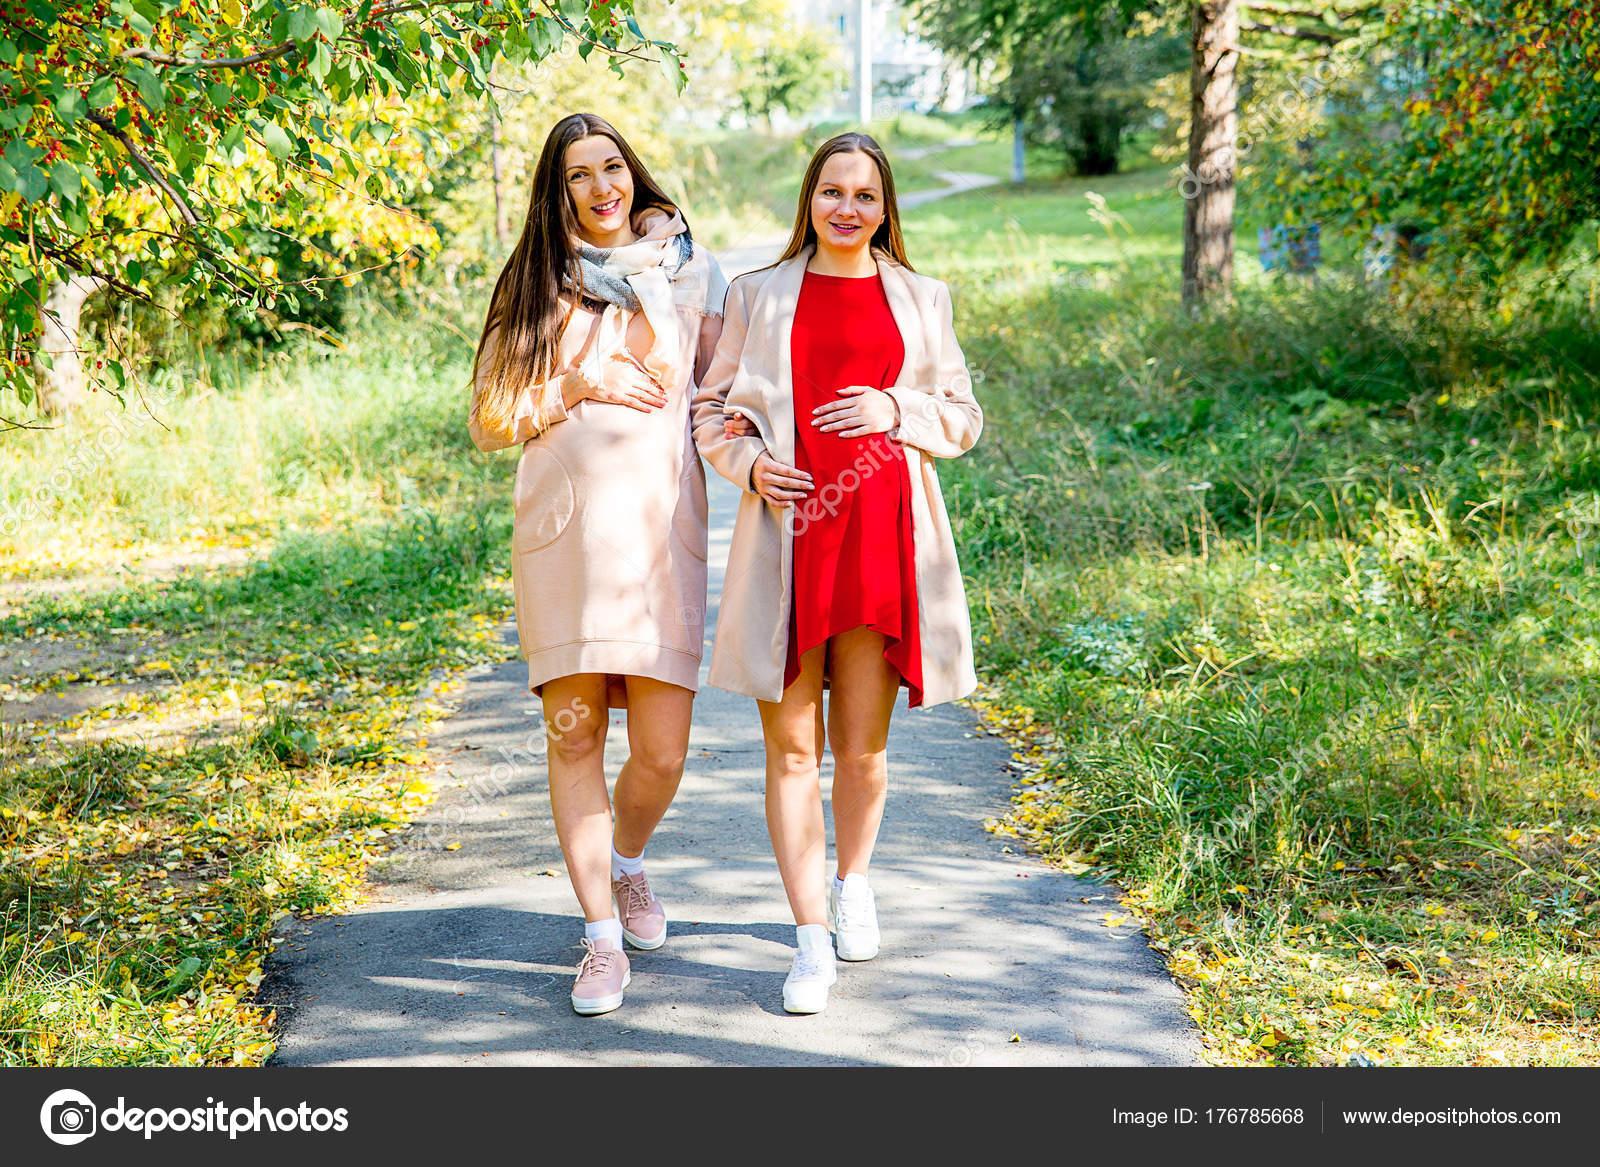 Imagenes Mujeres Embarazadas Caminando Mujeres Embarazadas